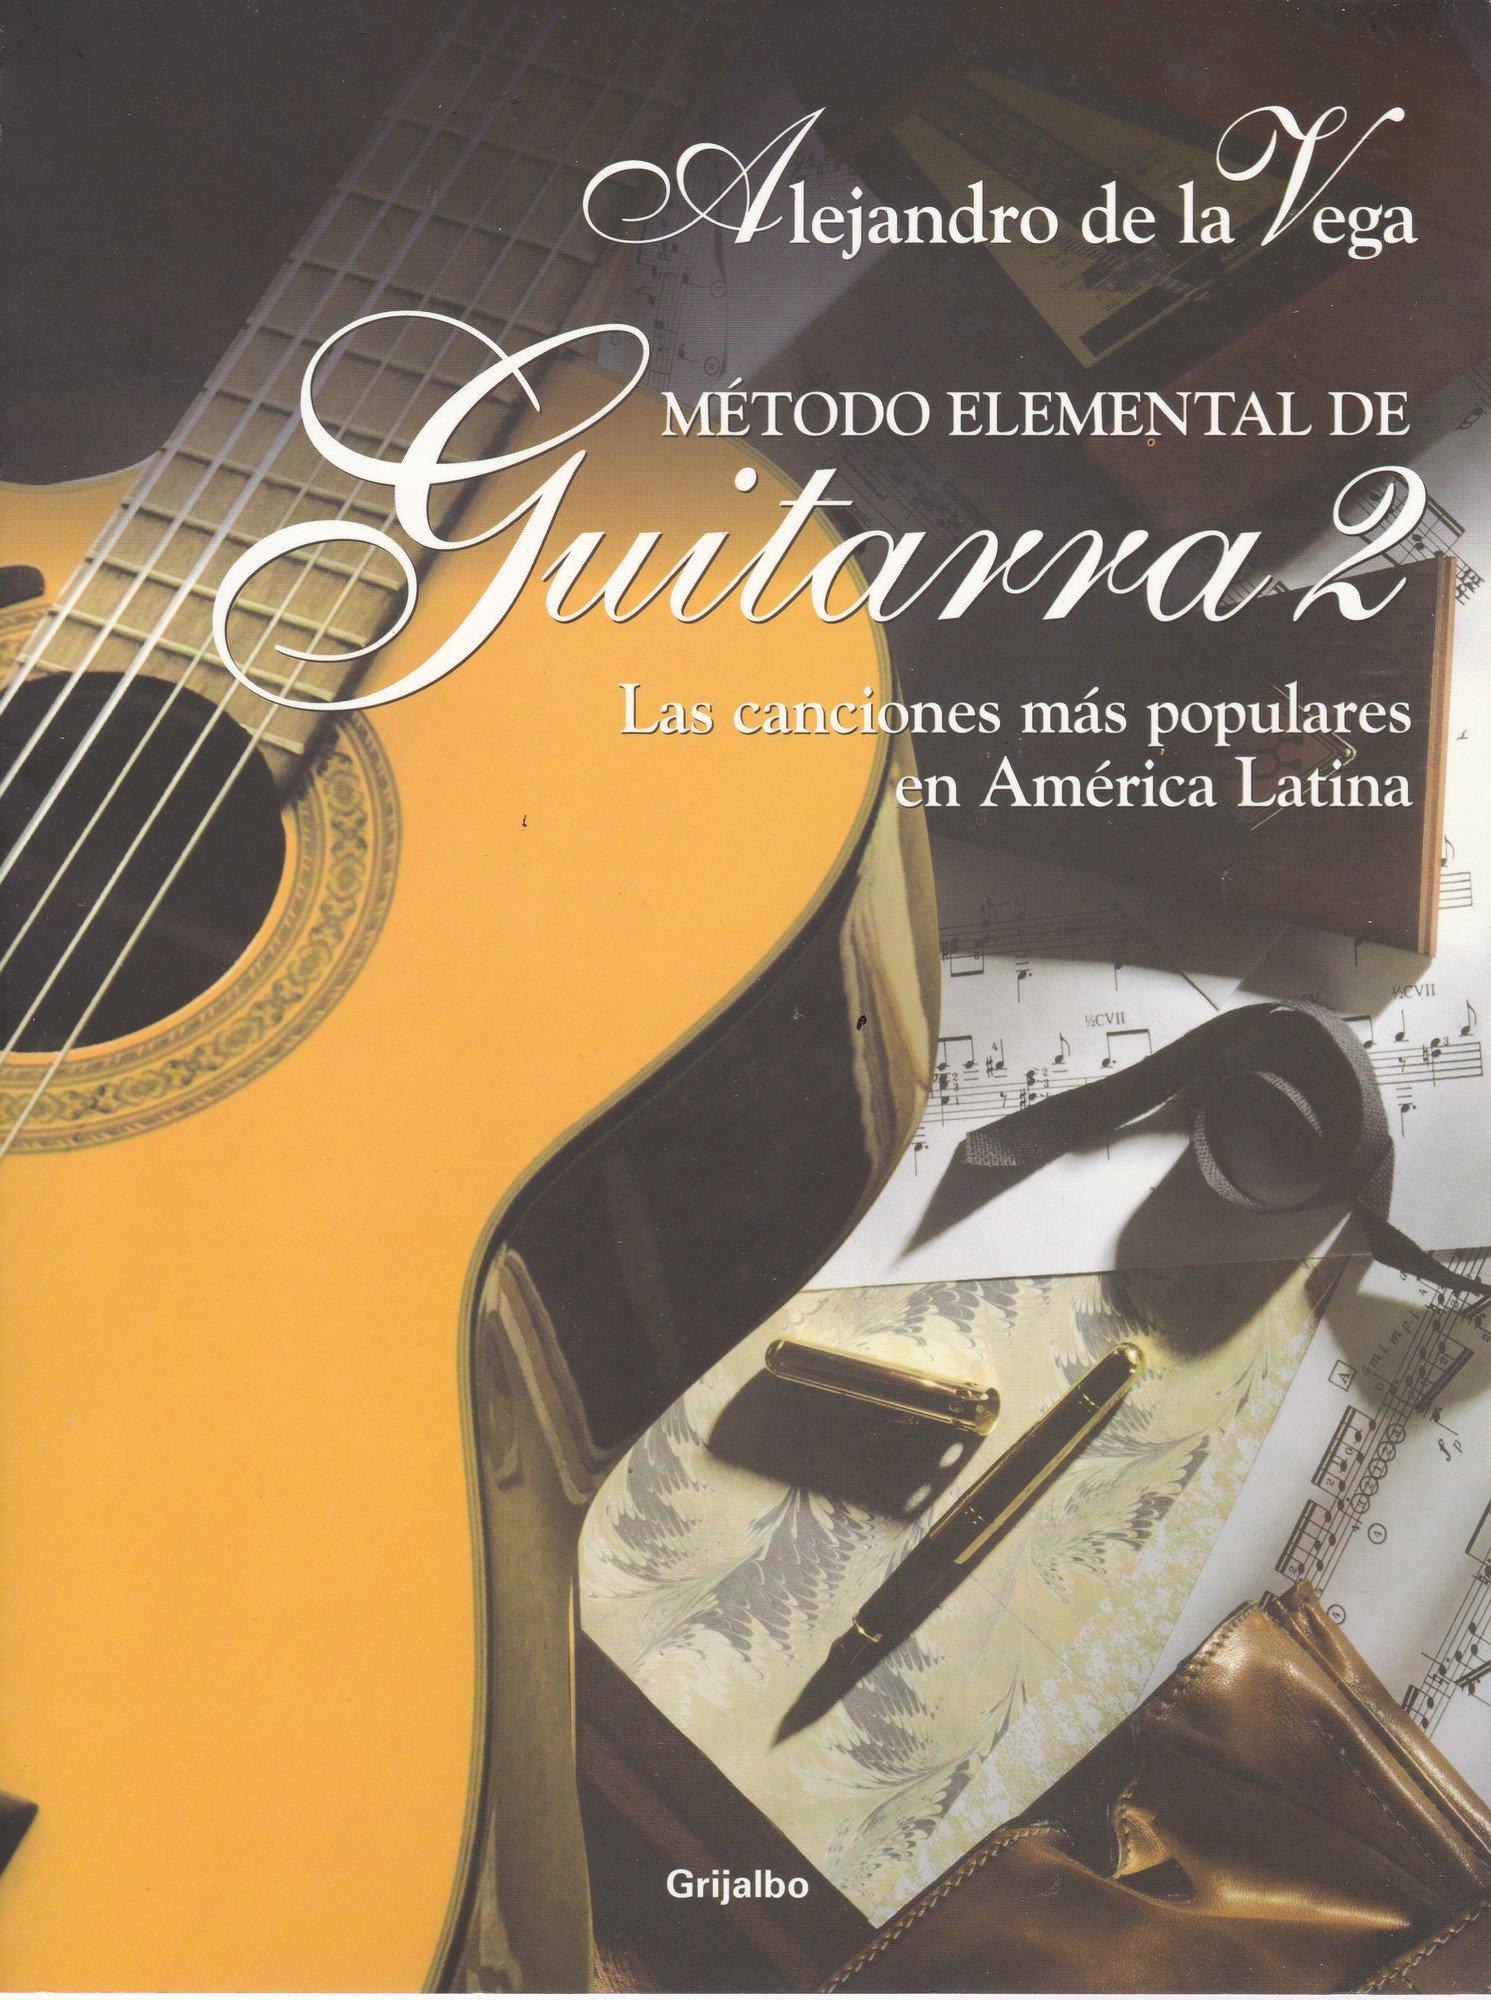 metodo elemental de guitarra ii: Amazon.es: alejandro de la vega ...